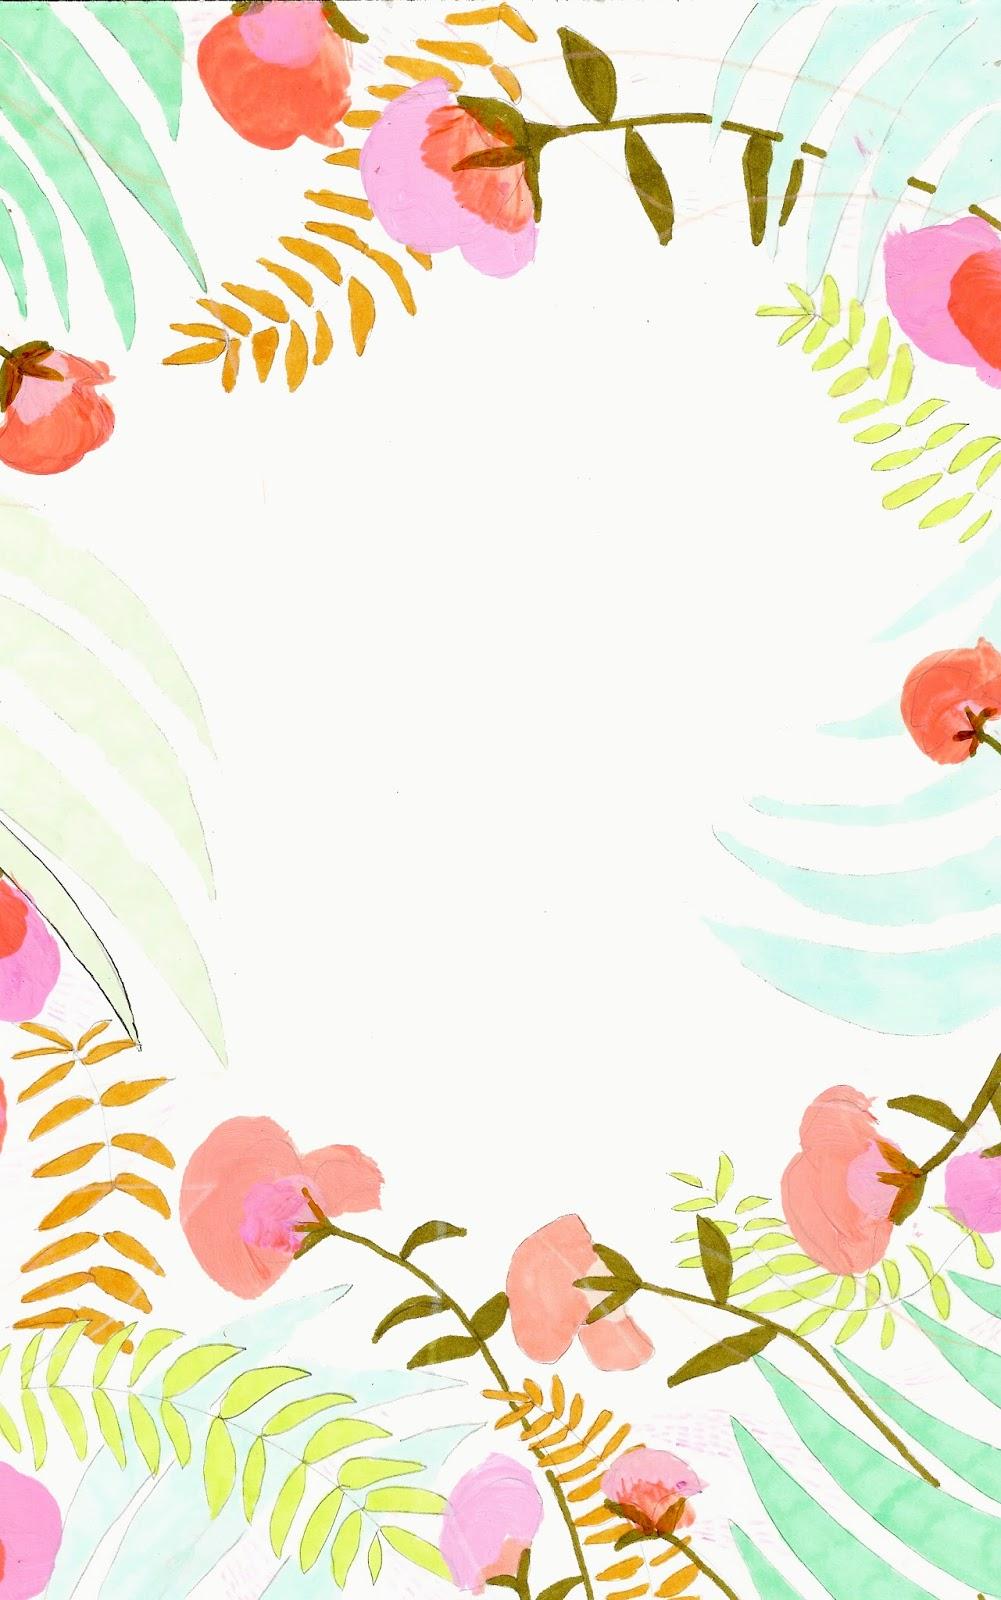 Cute Pintrest Quote Wallpapers 絵の具で描かれた雰囲気のアートなお花の壁紙 【お花フラワー柄】かわいい スマホ用iphoneホーム画面・待ち受け